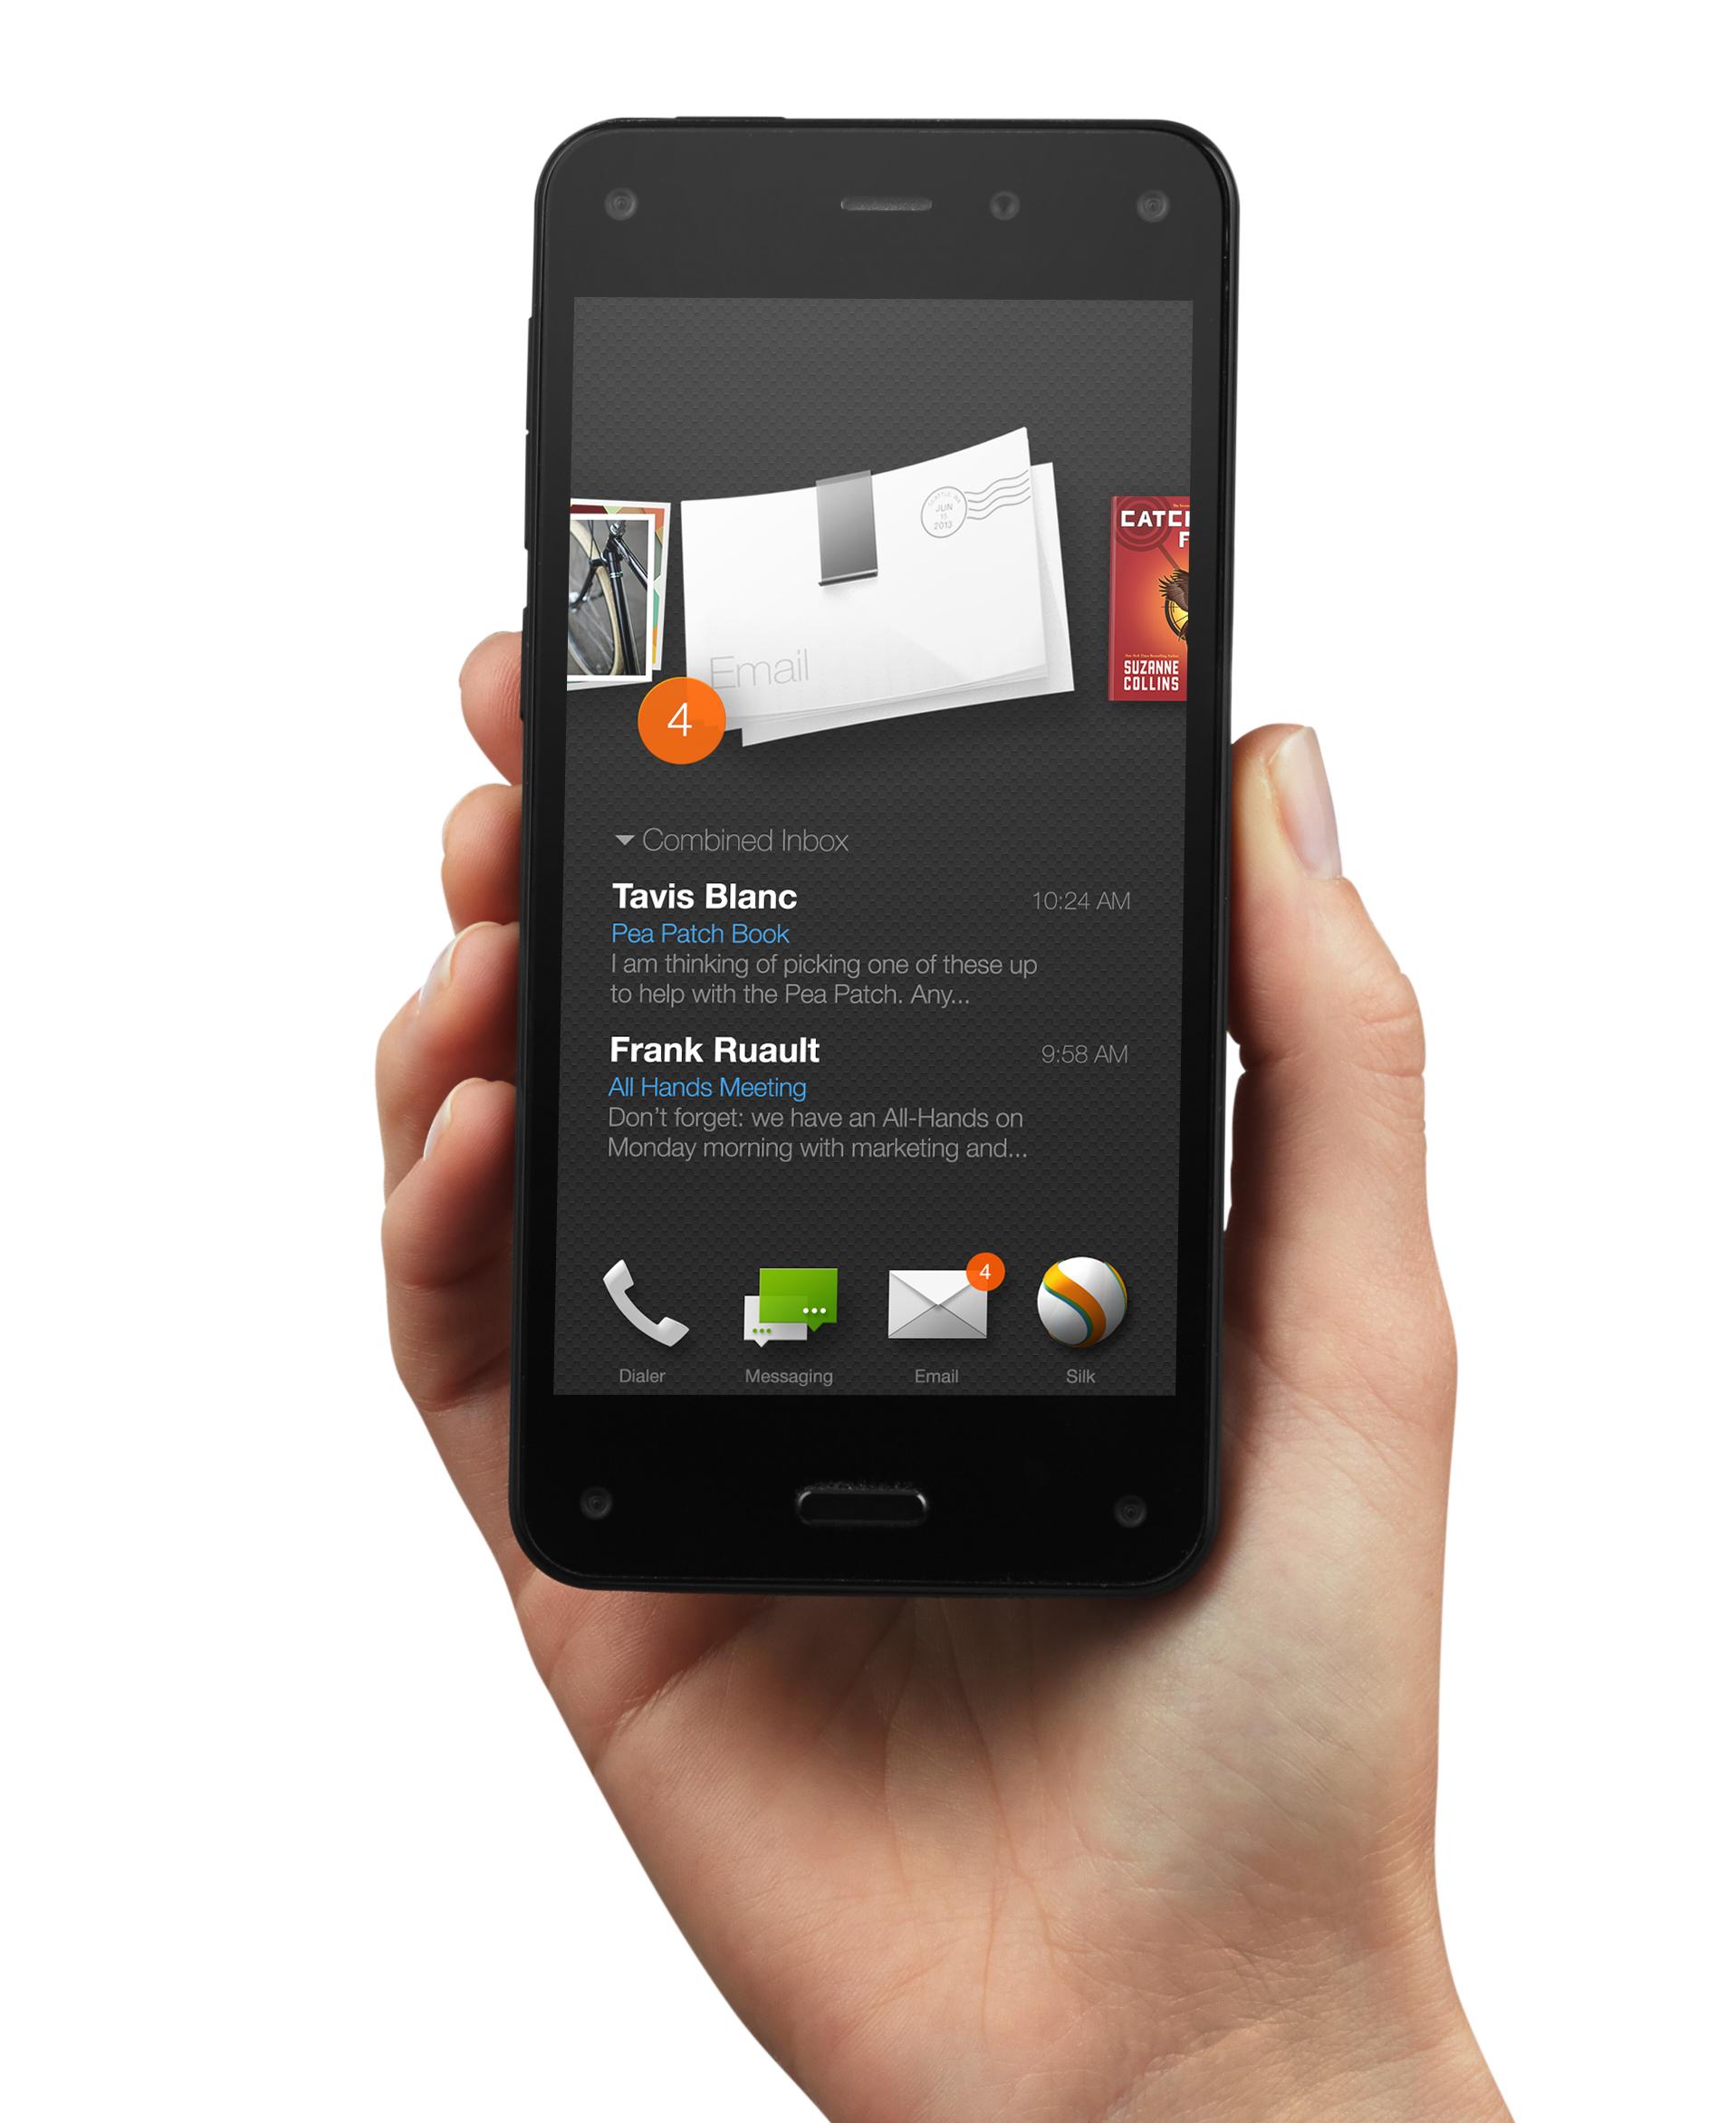 moins de deux mois apr s son lancement amazon brade d j son premier smartphone silicon 2 0. Black Bedroom Furniture Sets. Home Design Ideas